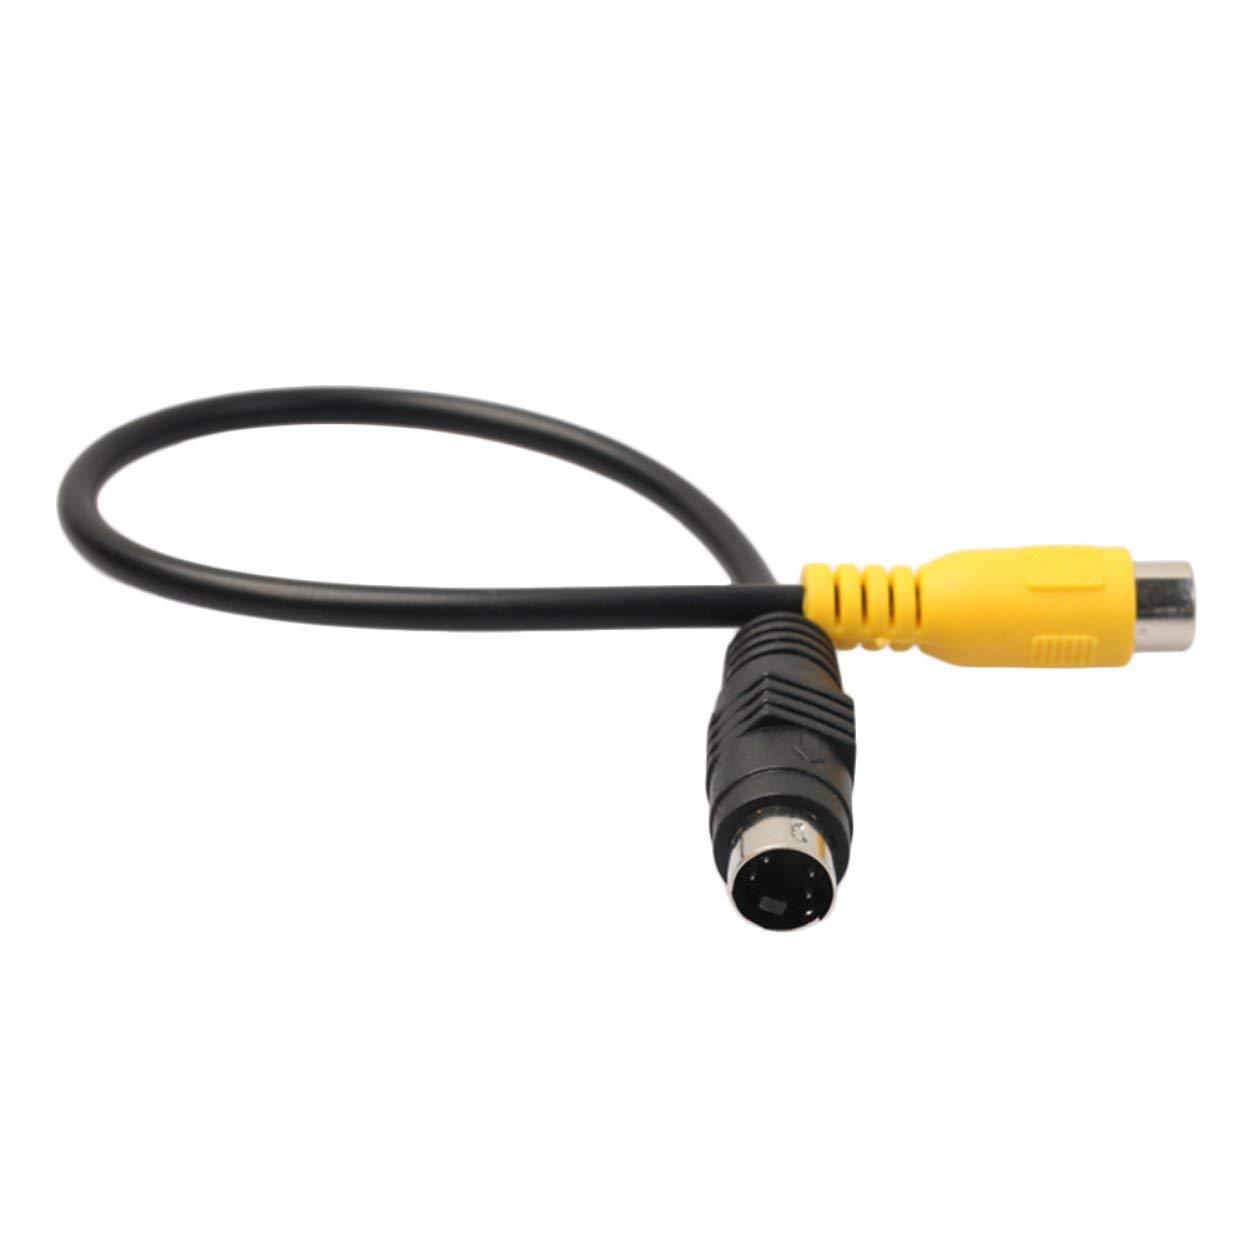 C/âble Adaptateur S-Video /à Composite vid/éo 6 Pouces 4 Broches Compatible avec Tous Les VGA avec Interface S-Video